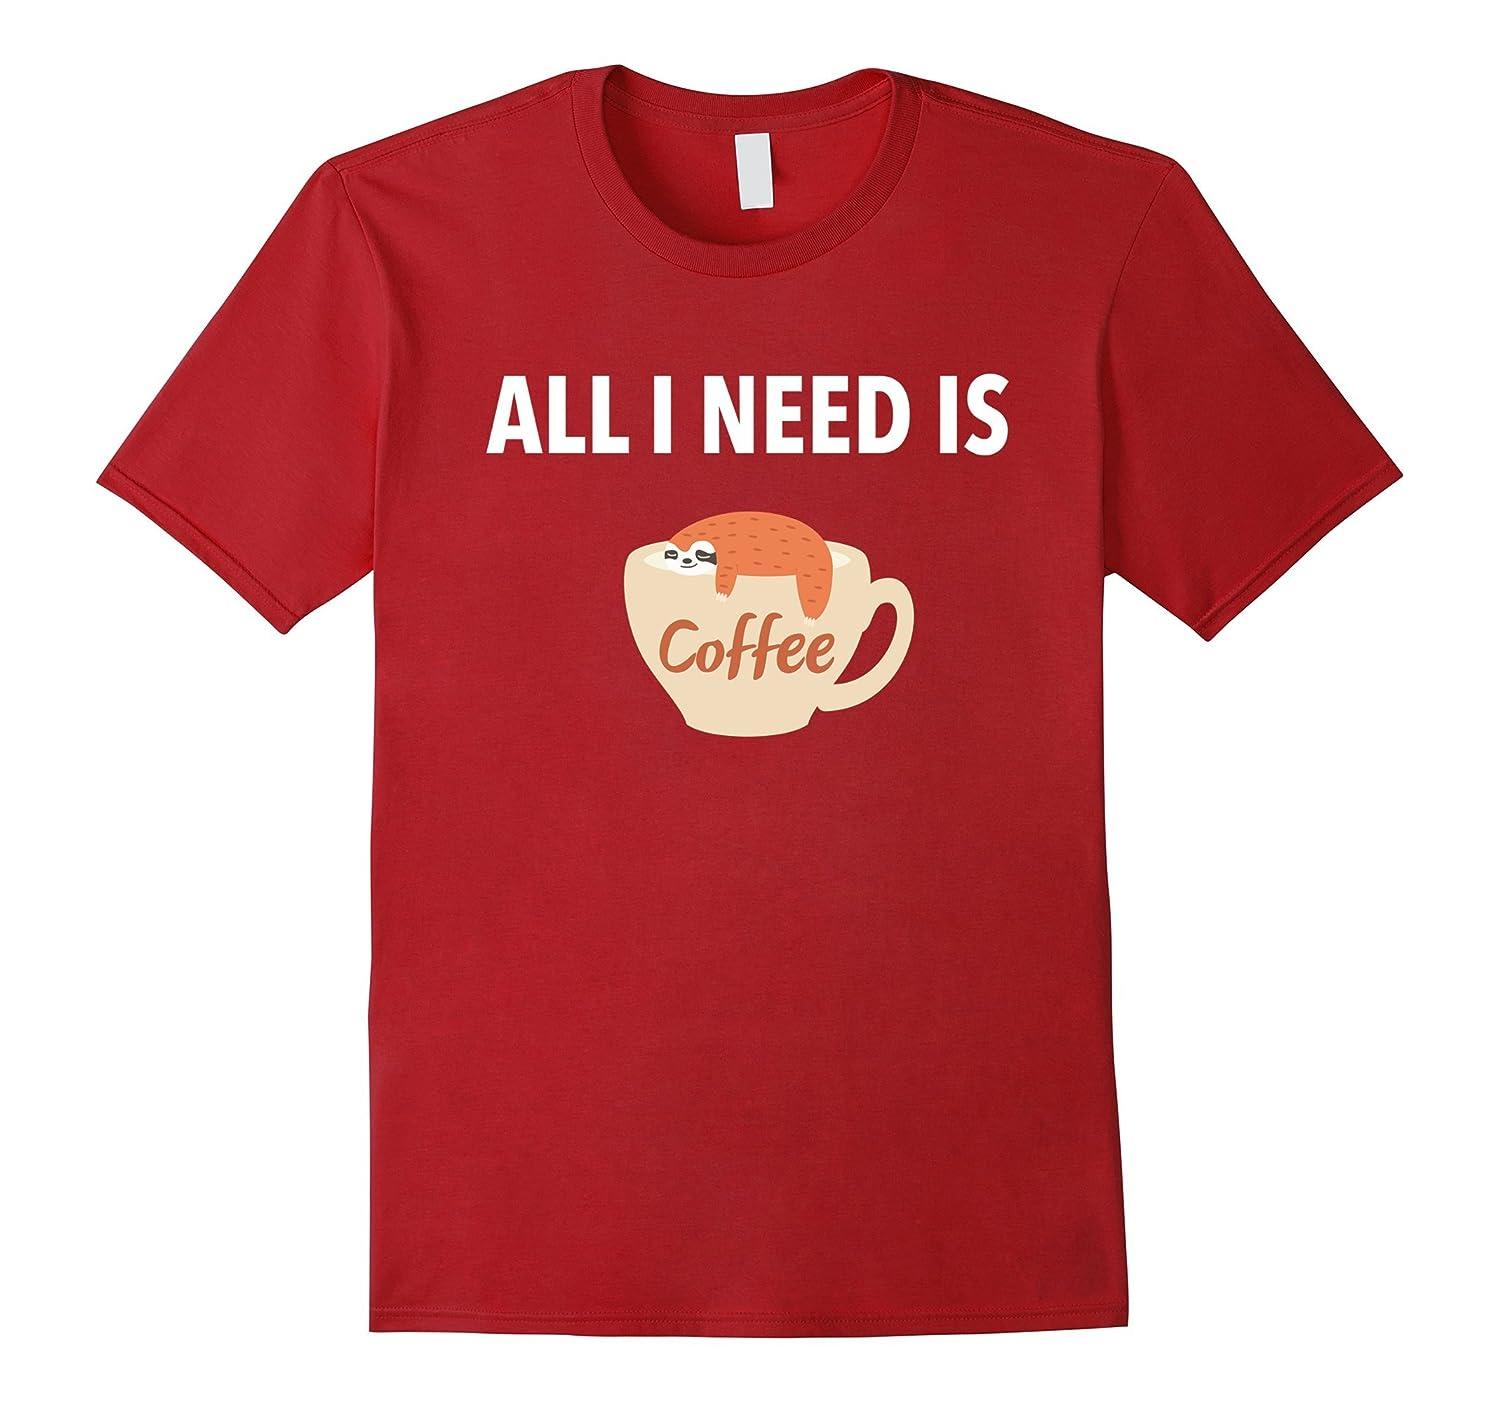 9a5f020bf Sloth Coffee Mug Tshirt Comic Lazy Animal Humor Tees-Vaci – Vaciuk